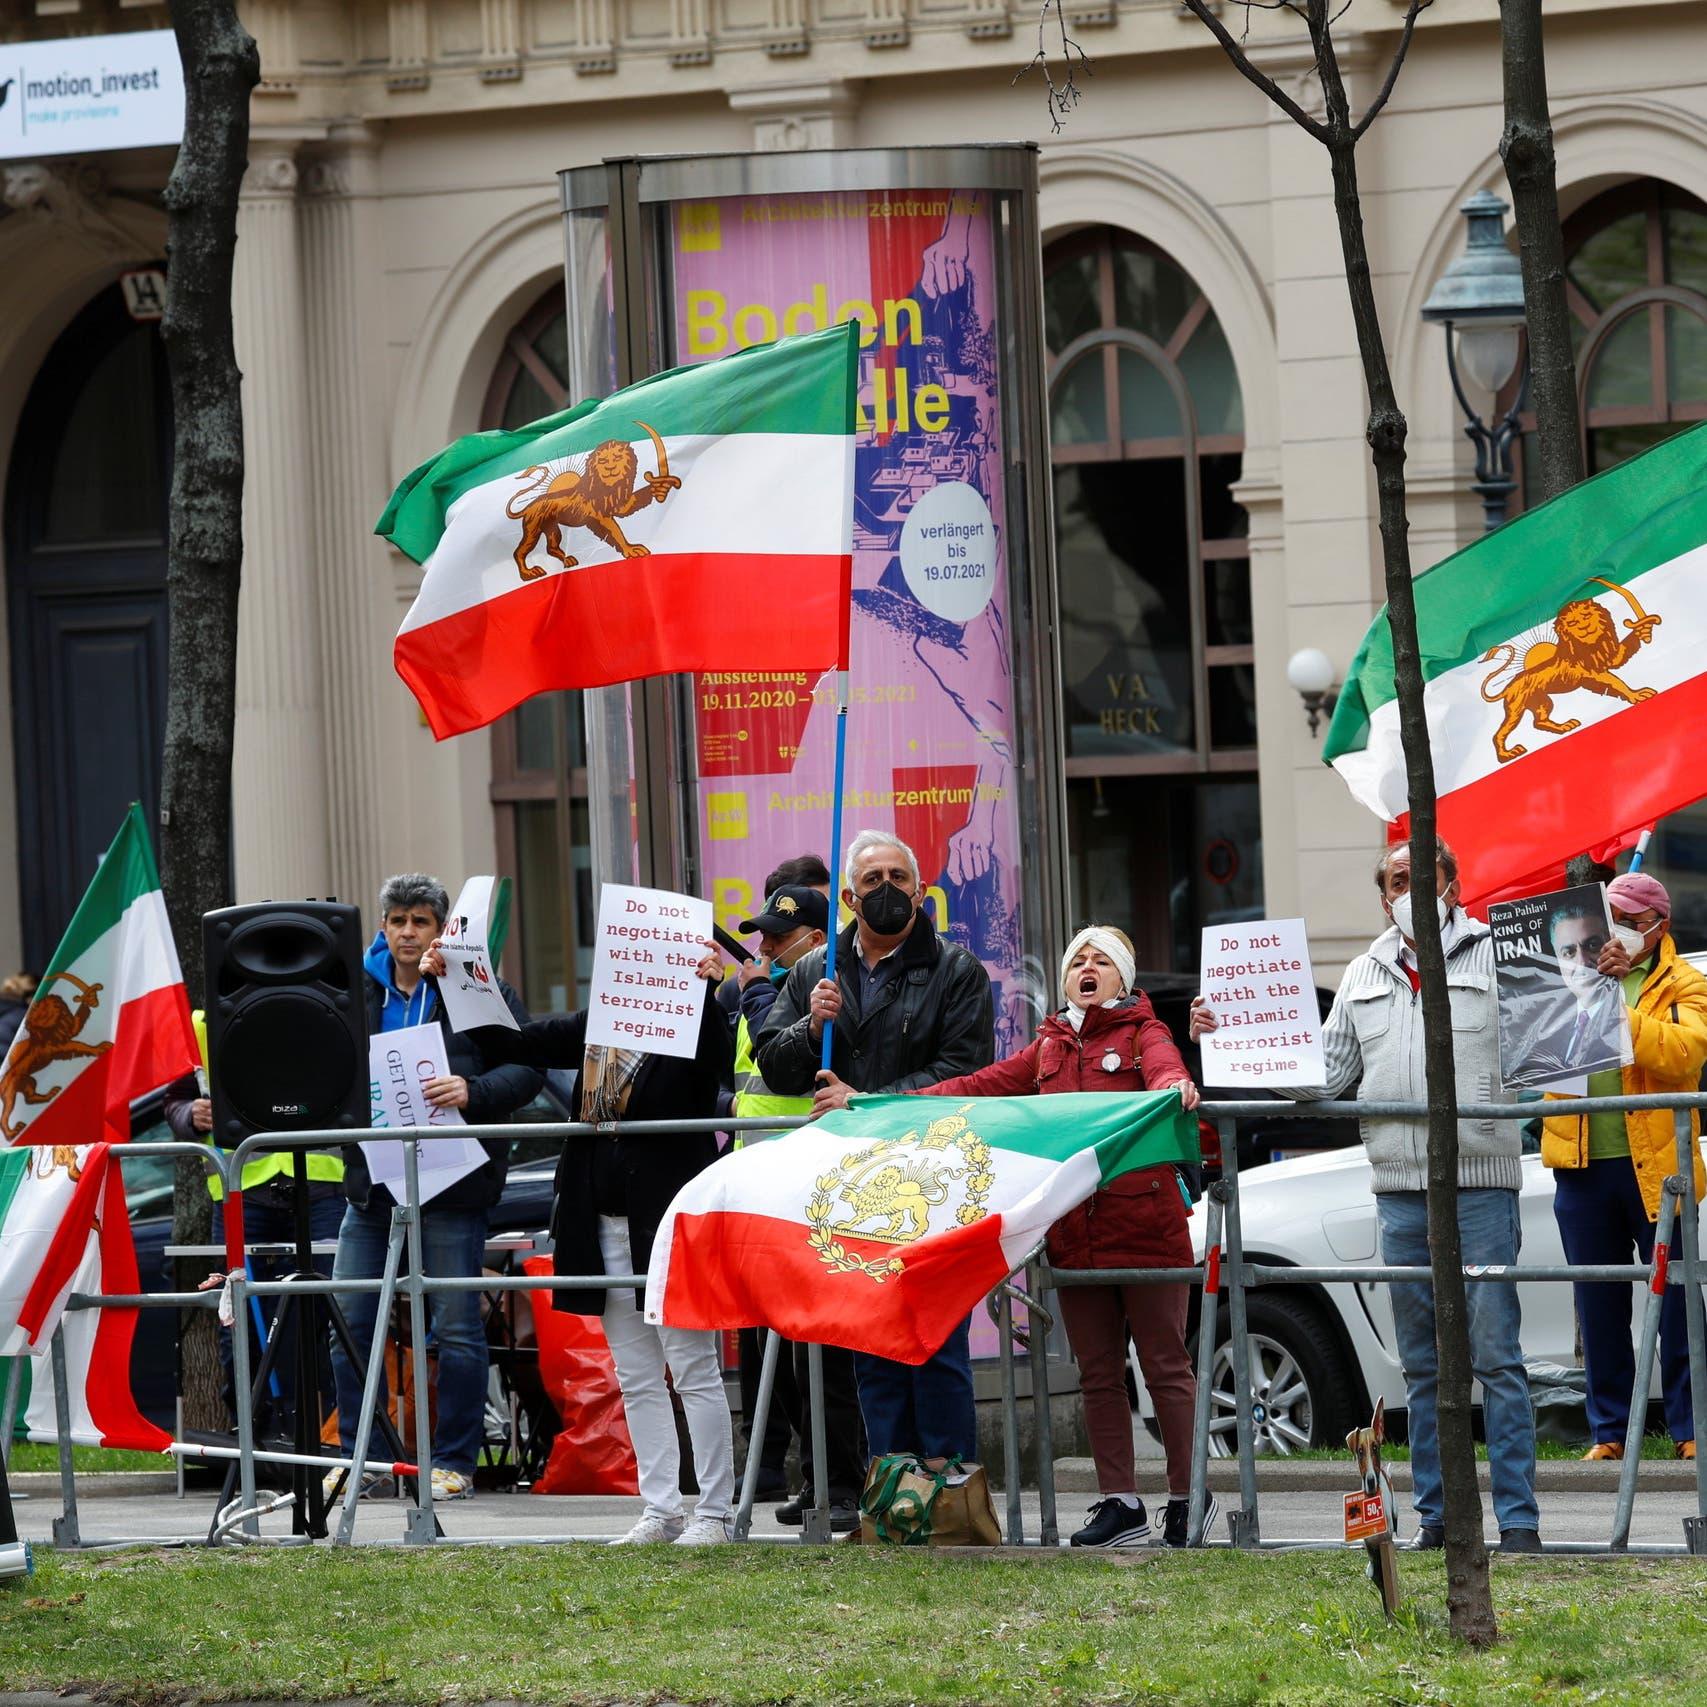 مفاوضات فيينا مستمرة.. والشرطة تمنع متظاهرين من التجمع